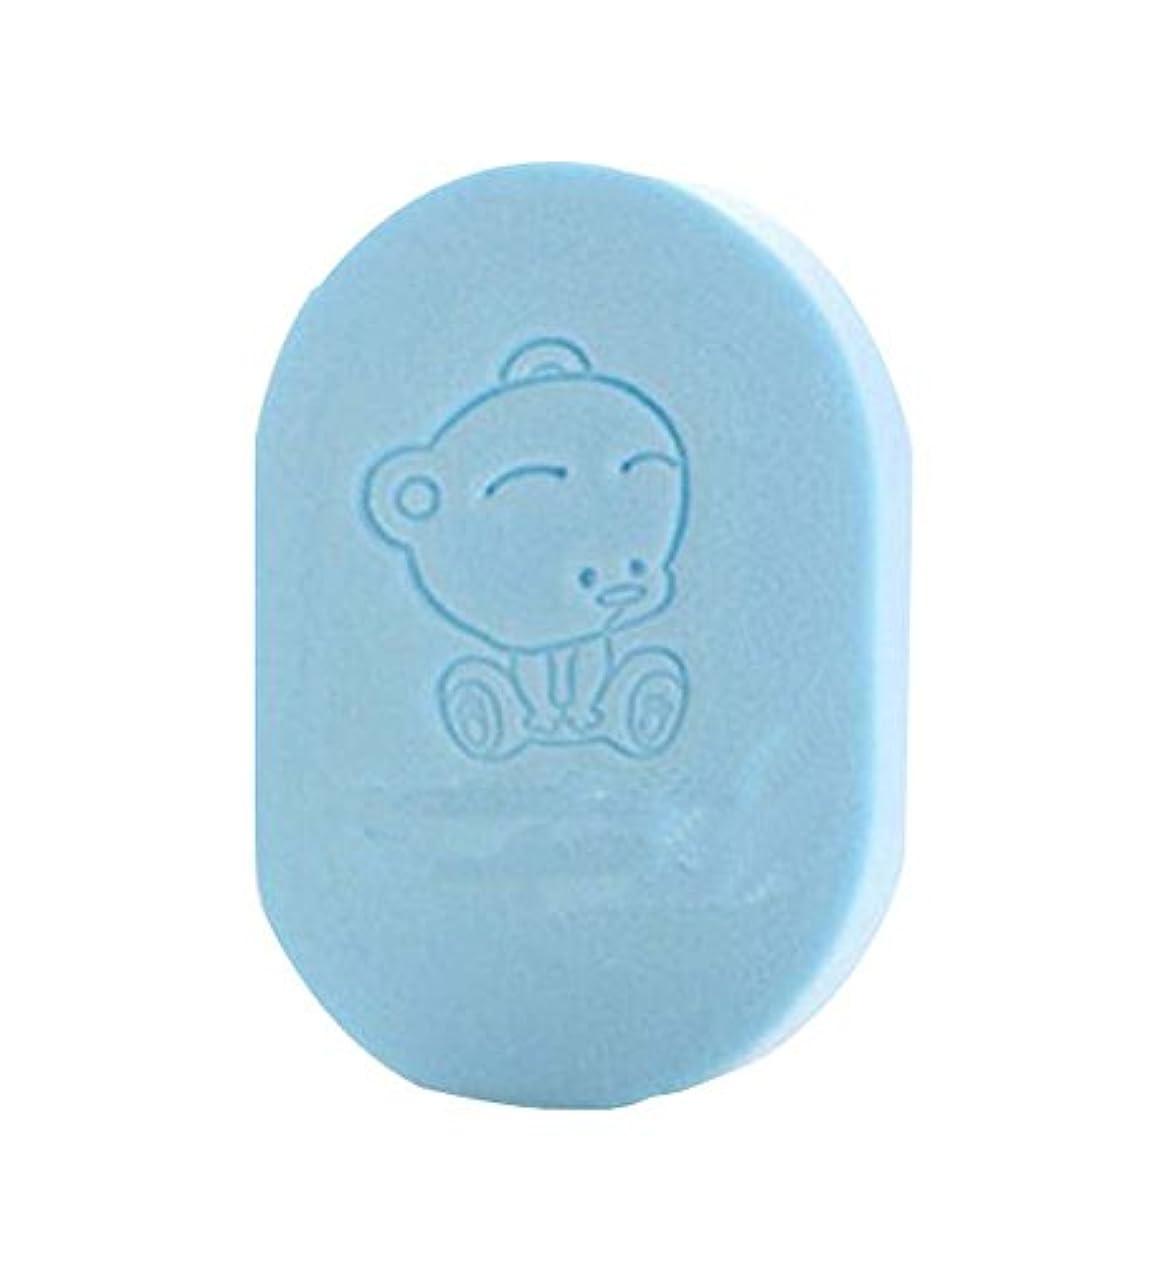 東ティモール療法コンセンサス子供用バスブラシ、タオル製品、バススポンジ、スカイブルー